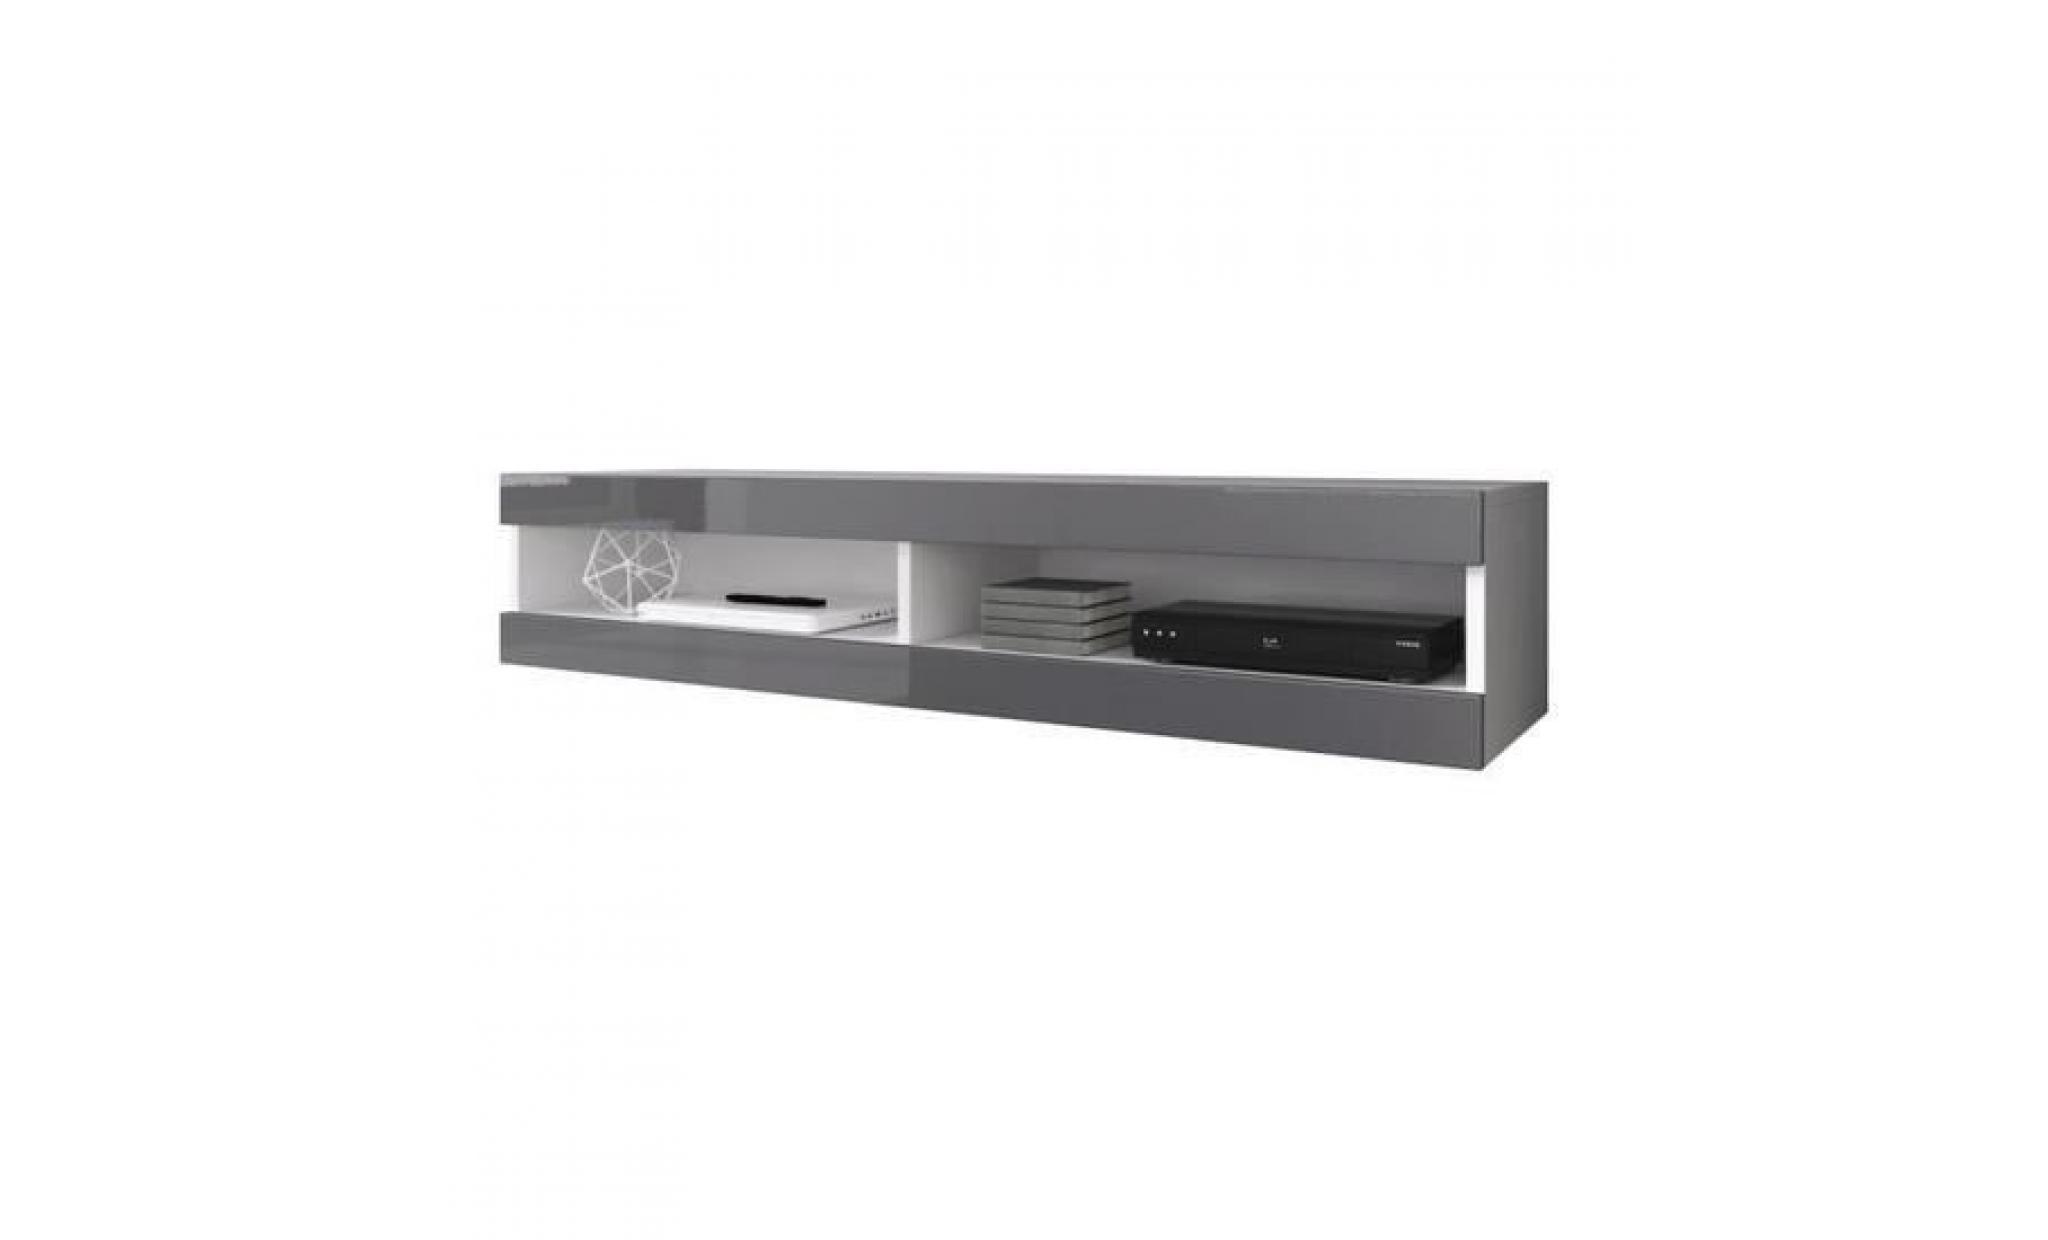 meuble tv suspendu blanc mat facade laque gris avec led achat vente meuble tv pas cher couleur et design fr